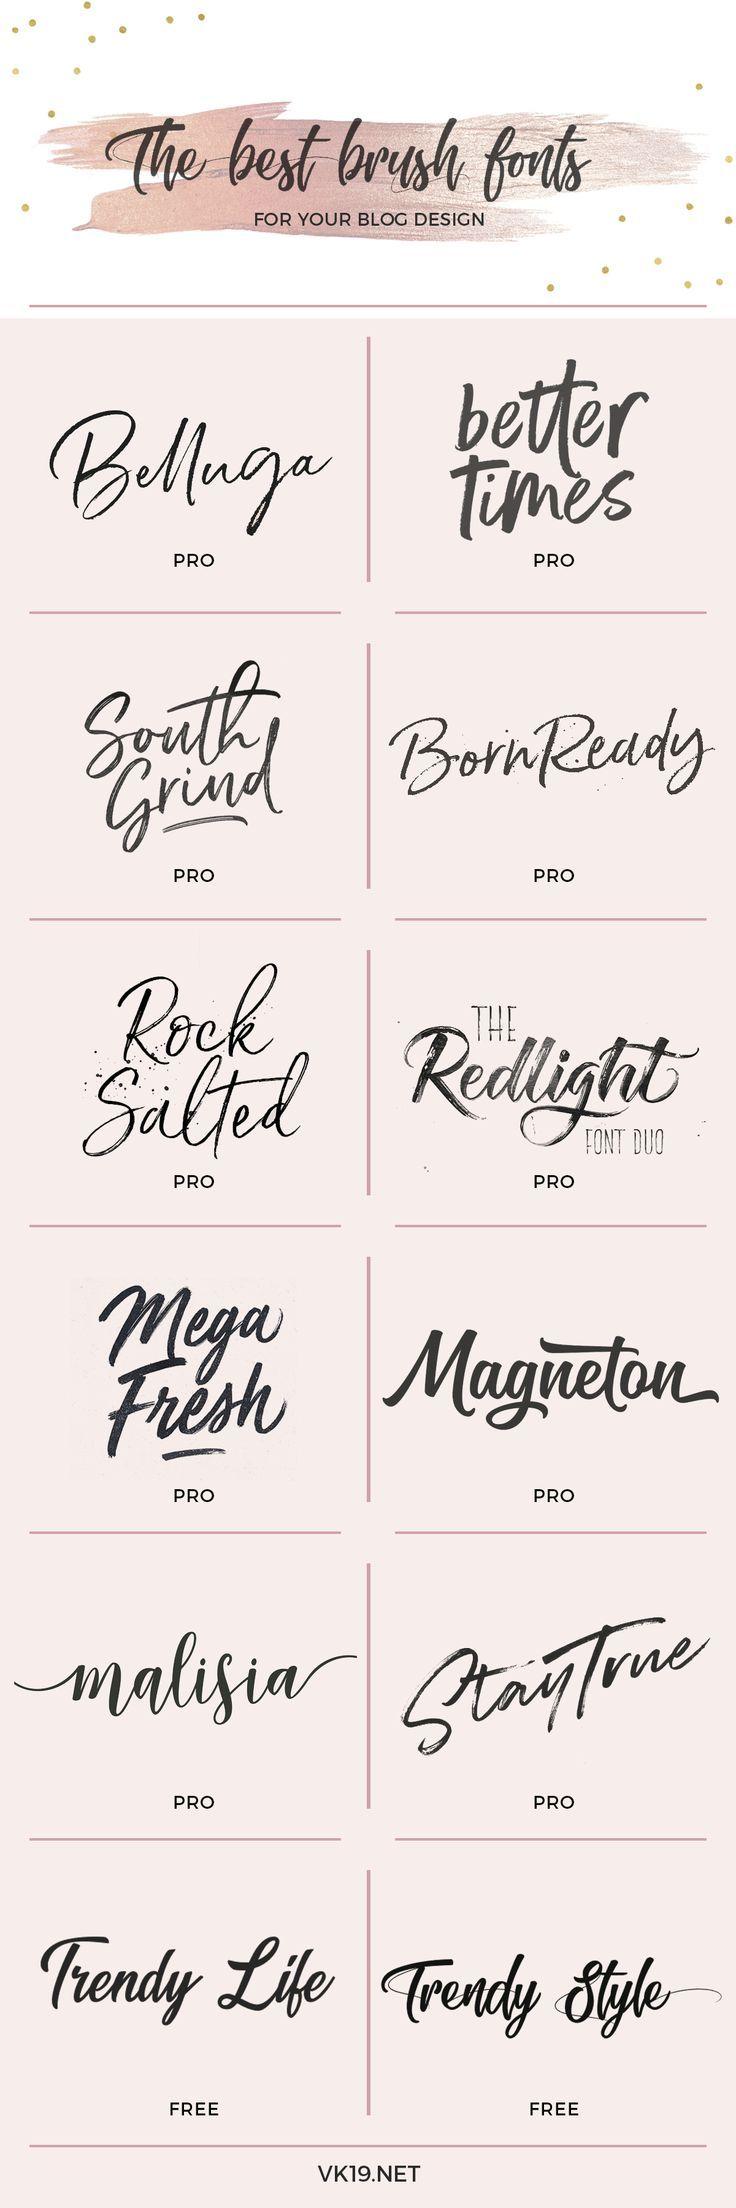 Las mejores fuentes estilo Brush para tu blog o marca personal – Vk19